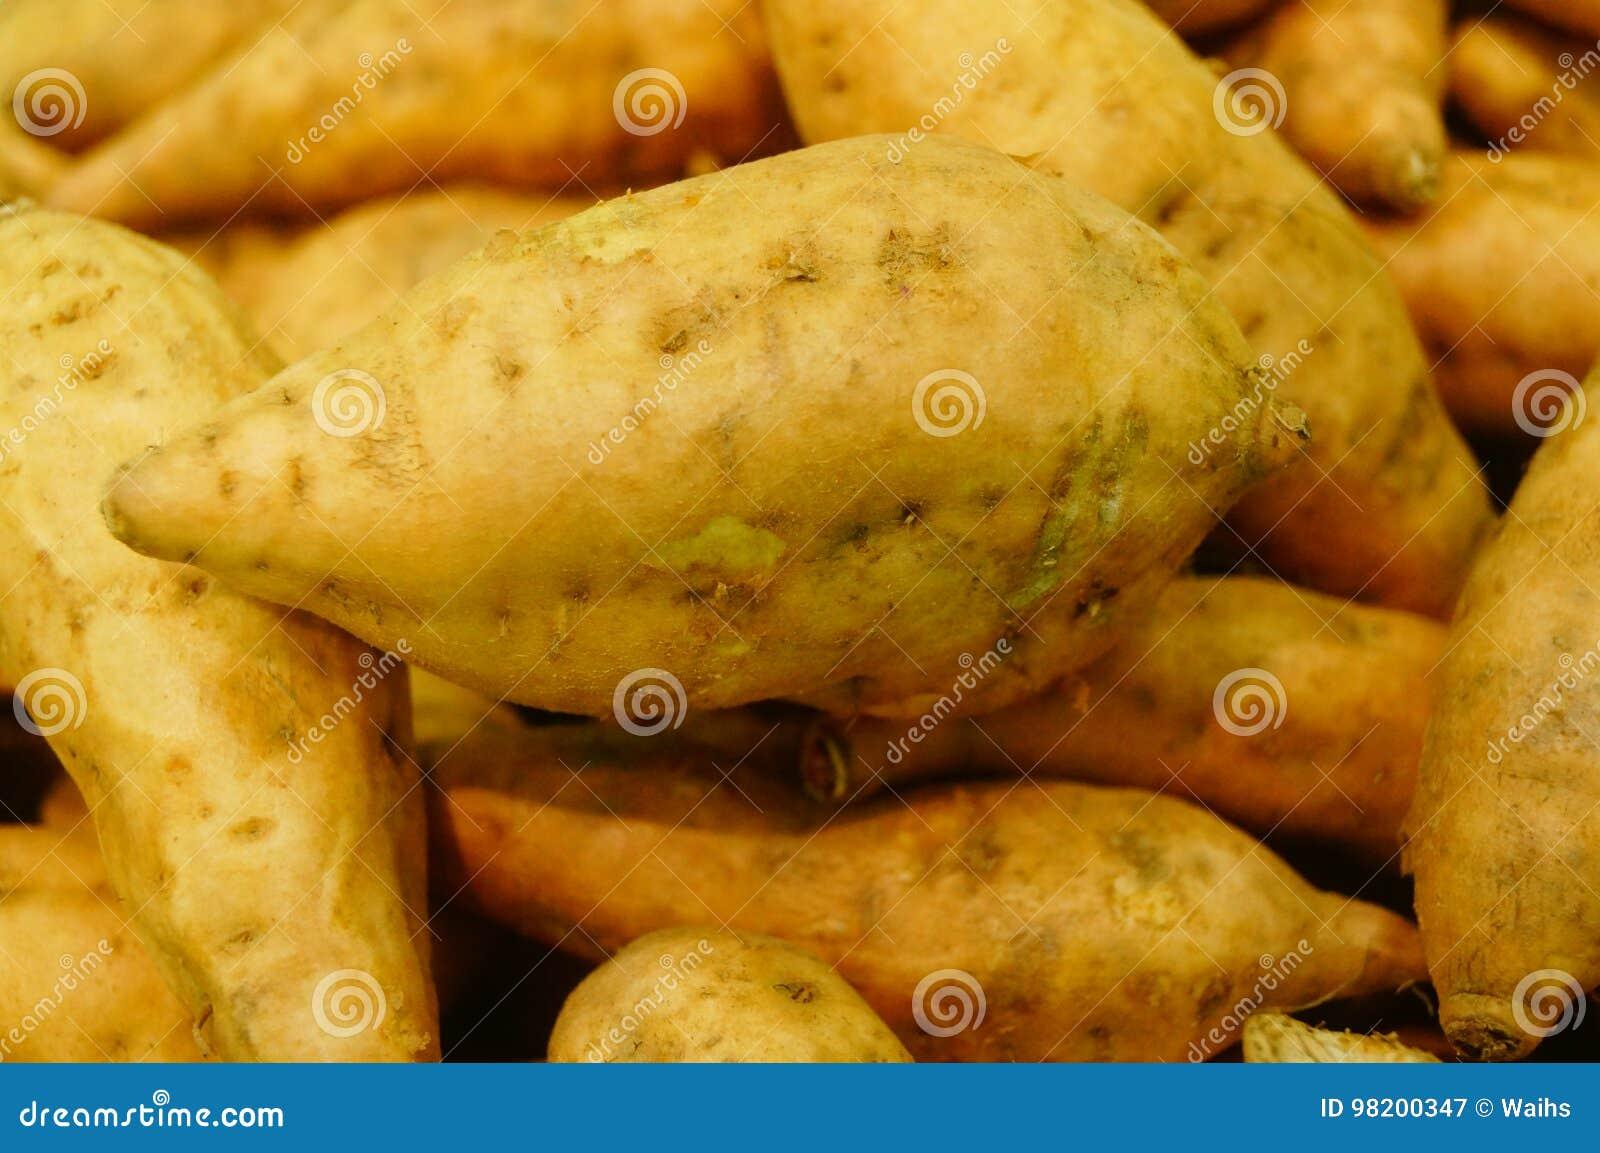 Download Сладкий картофель, произведенный в провинции Цзянси Китая Стоковое Изображение - изображение насчитывающей жизнь, вкусно: 98200347